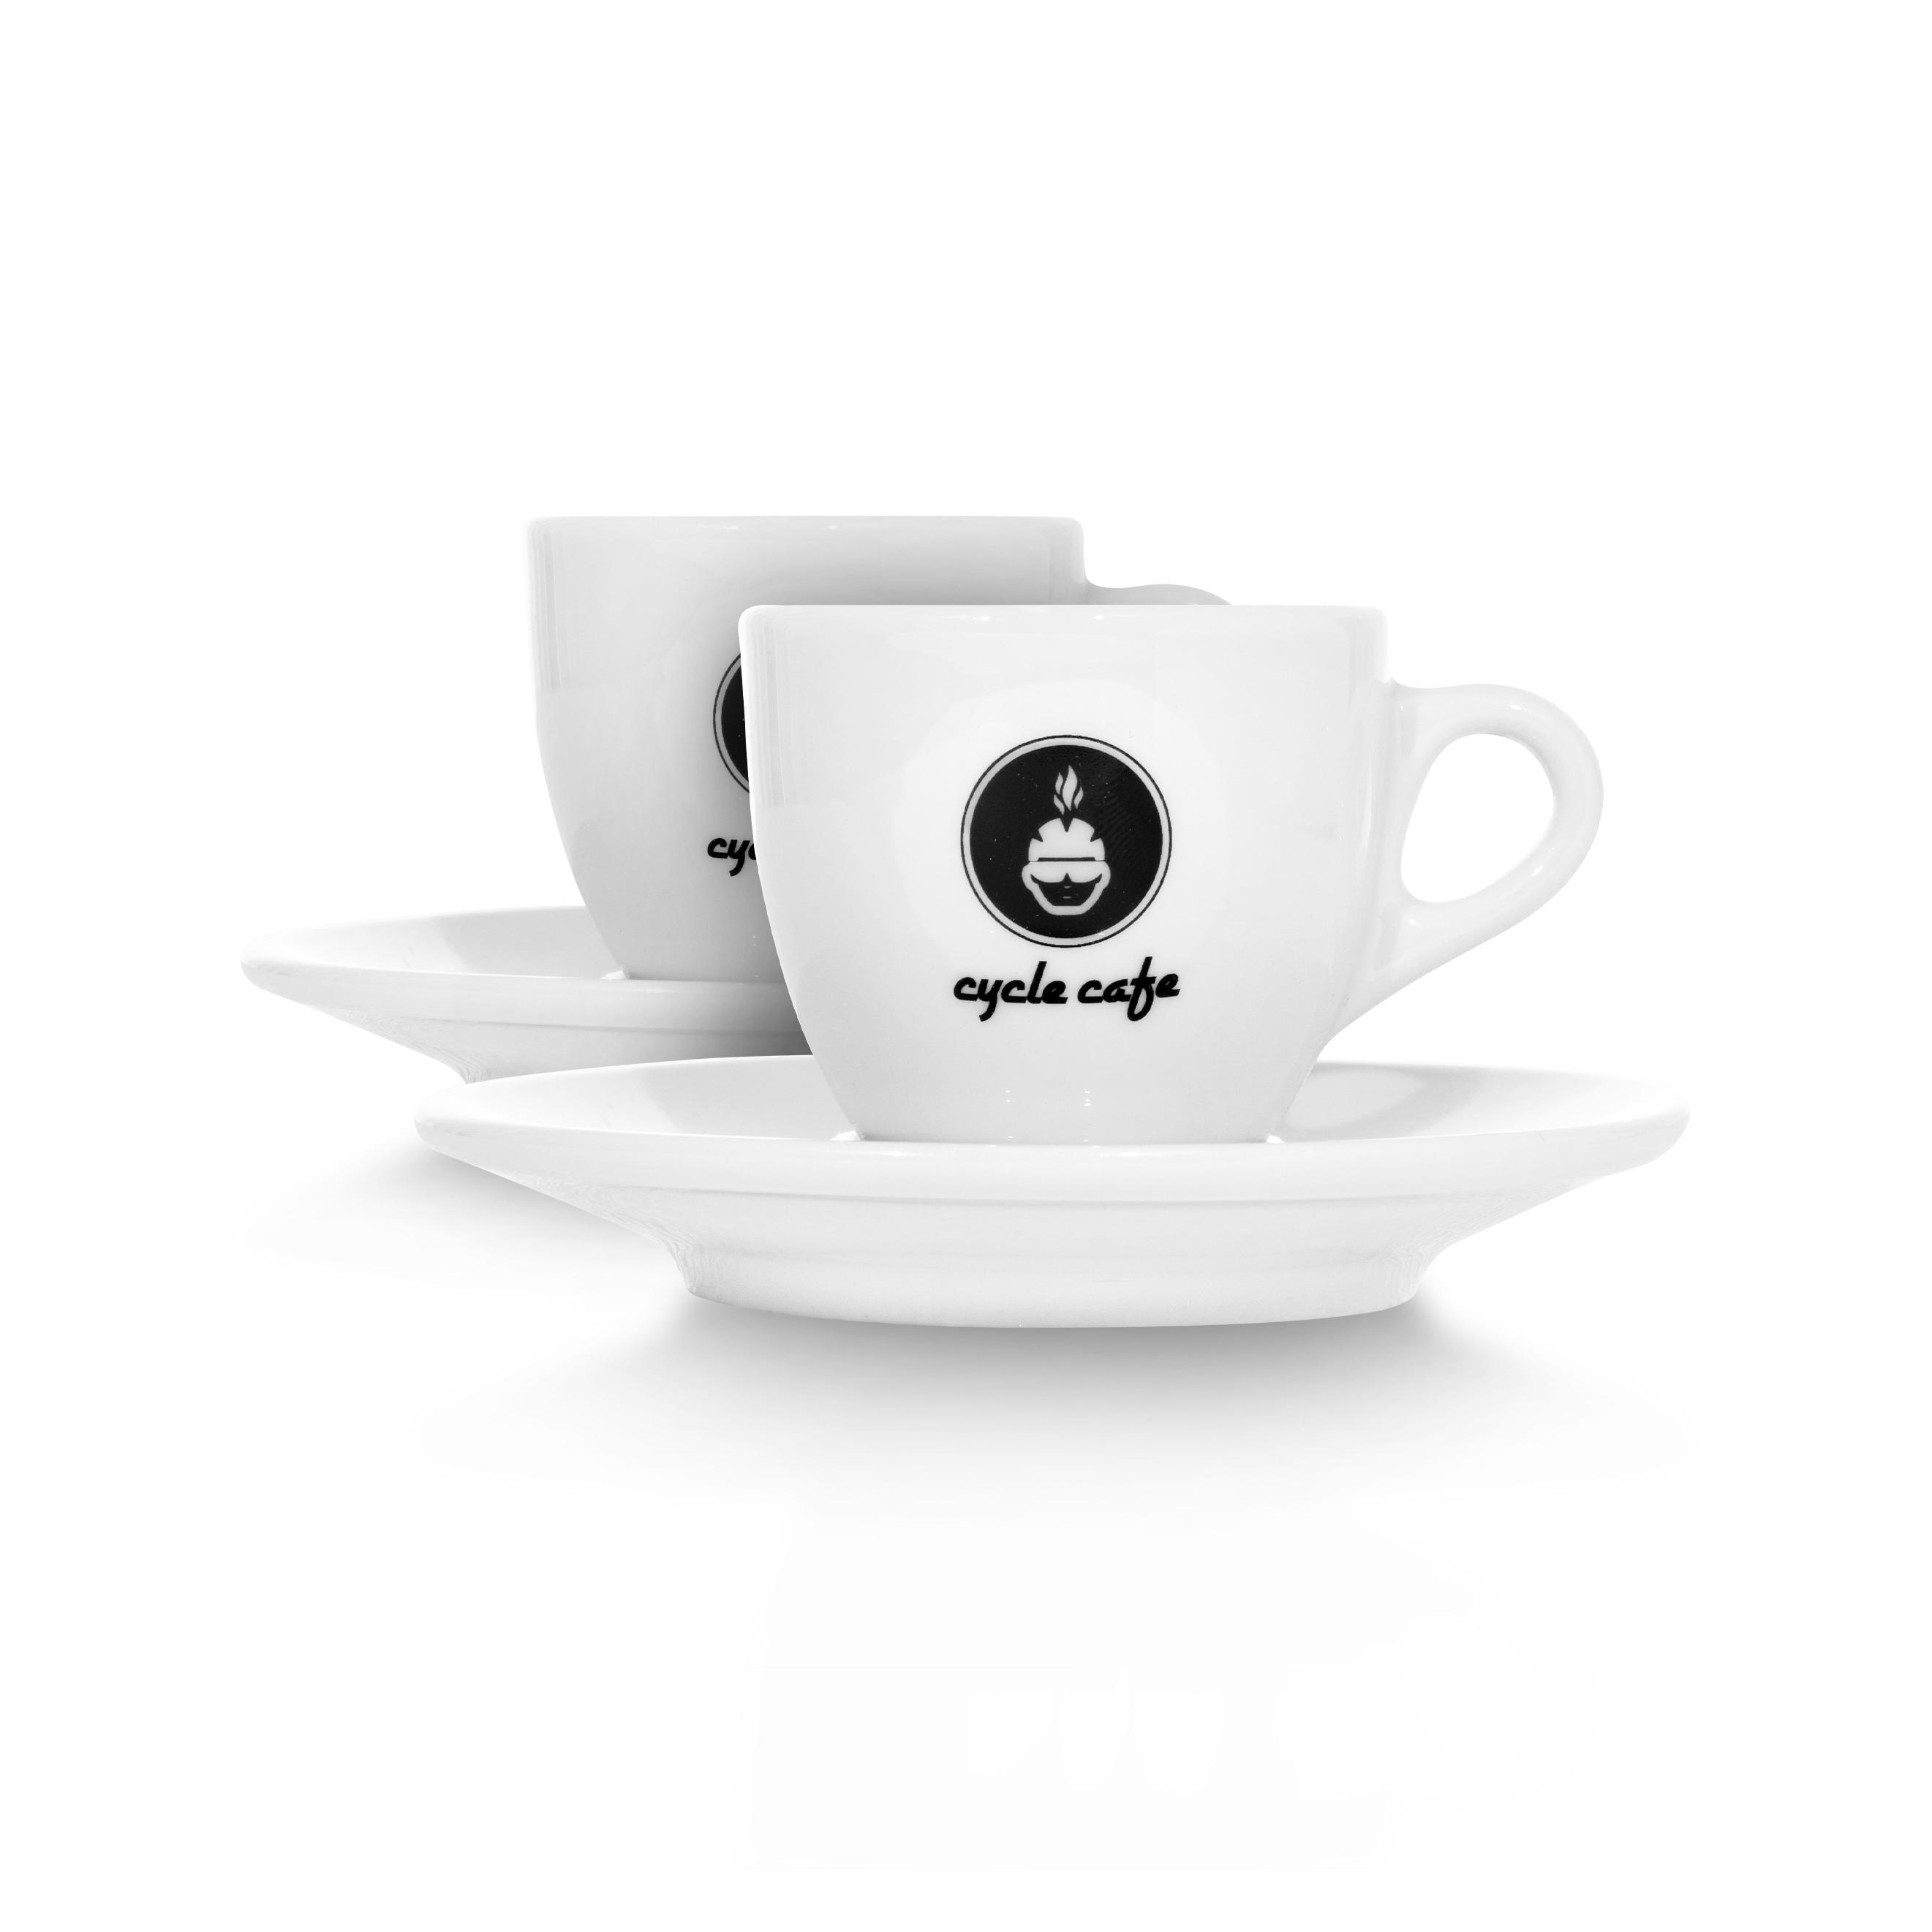 CycleCafe Espresso Tasse mit Untersetzer / 2er Set